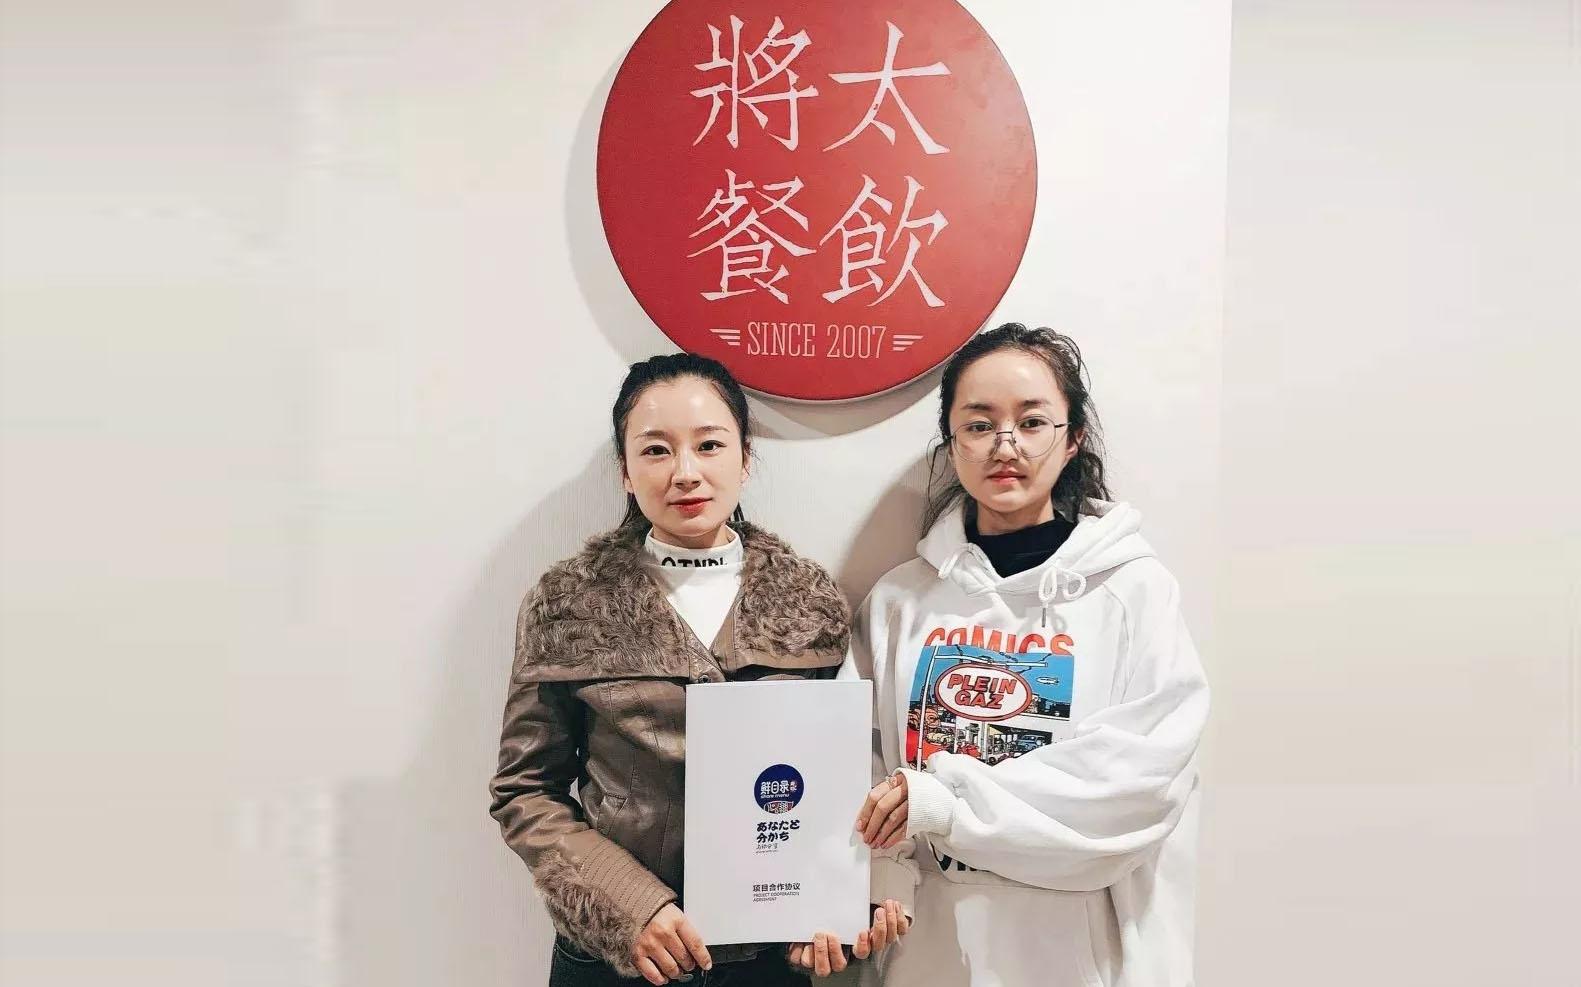 恭喜江西南昌市区王女士加盟鲜目录寿司!